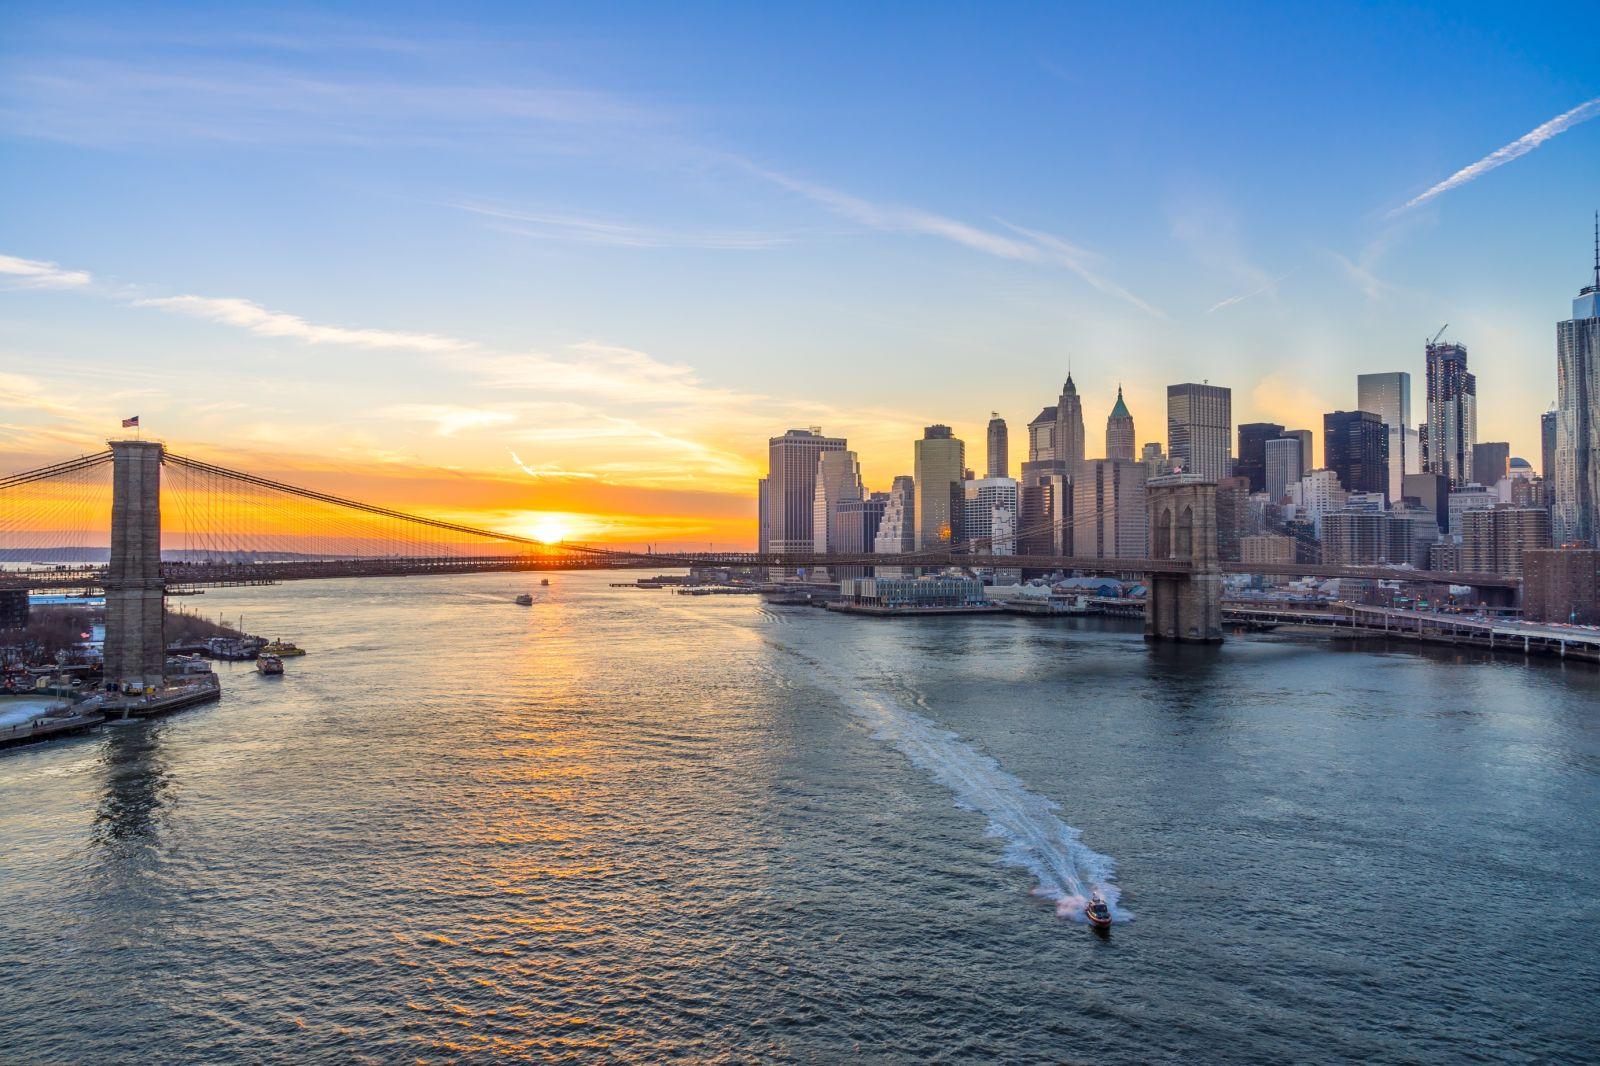 Blick auf die Brooklyn Bridge und Manhattan Skyline bei Sonnenuntergang